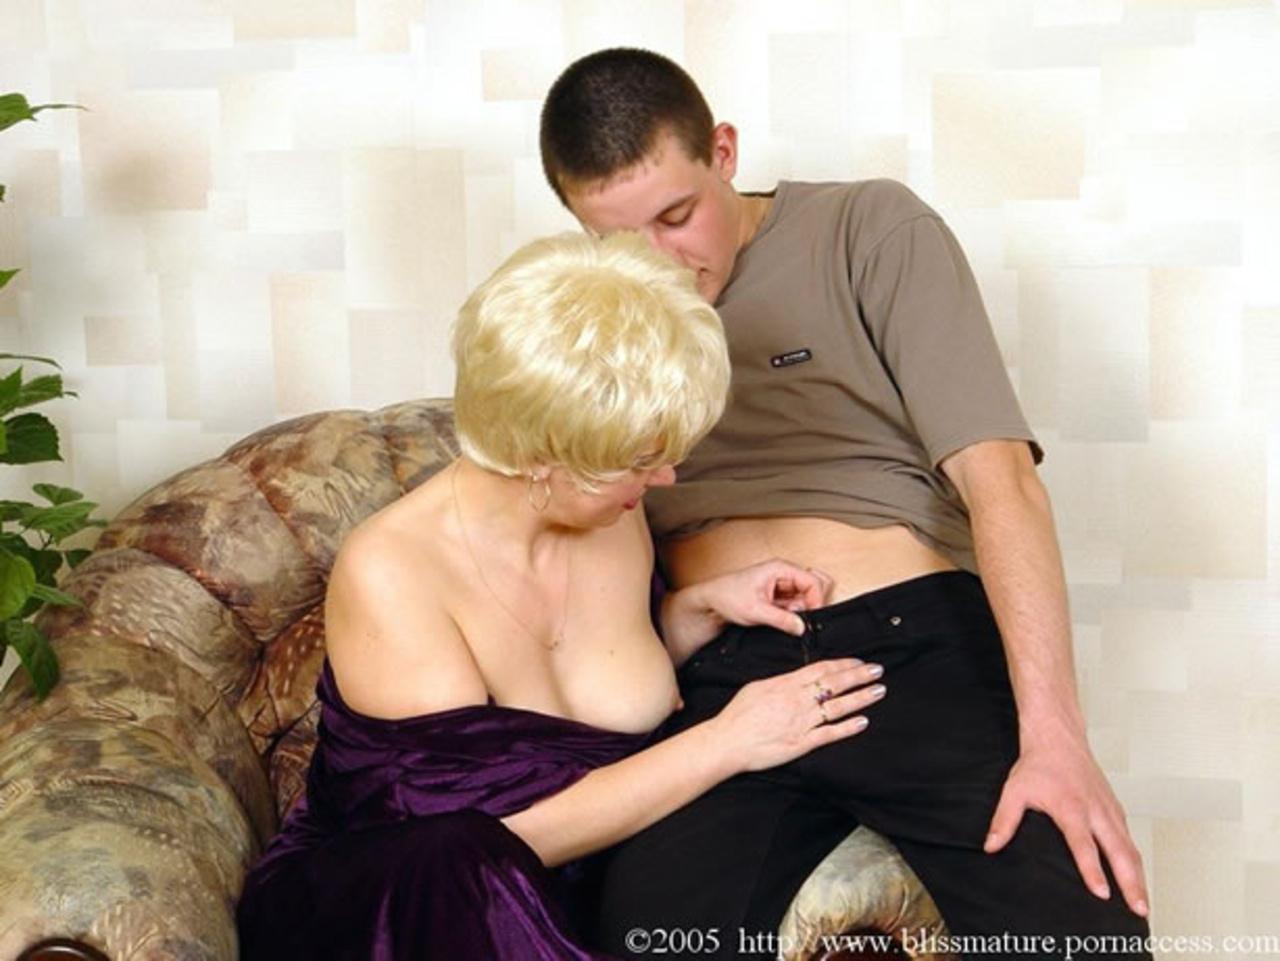 Смотреть онлайн как русская женщина соблазняет парня, Пышная русская женщина мастерски соблазняет 14 фотография